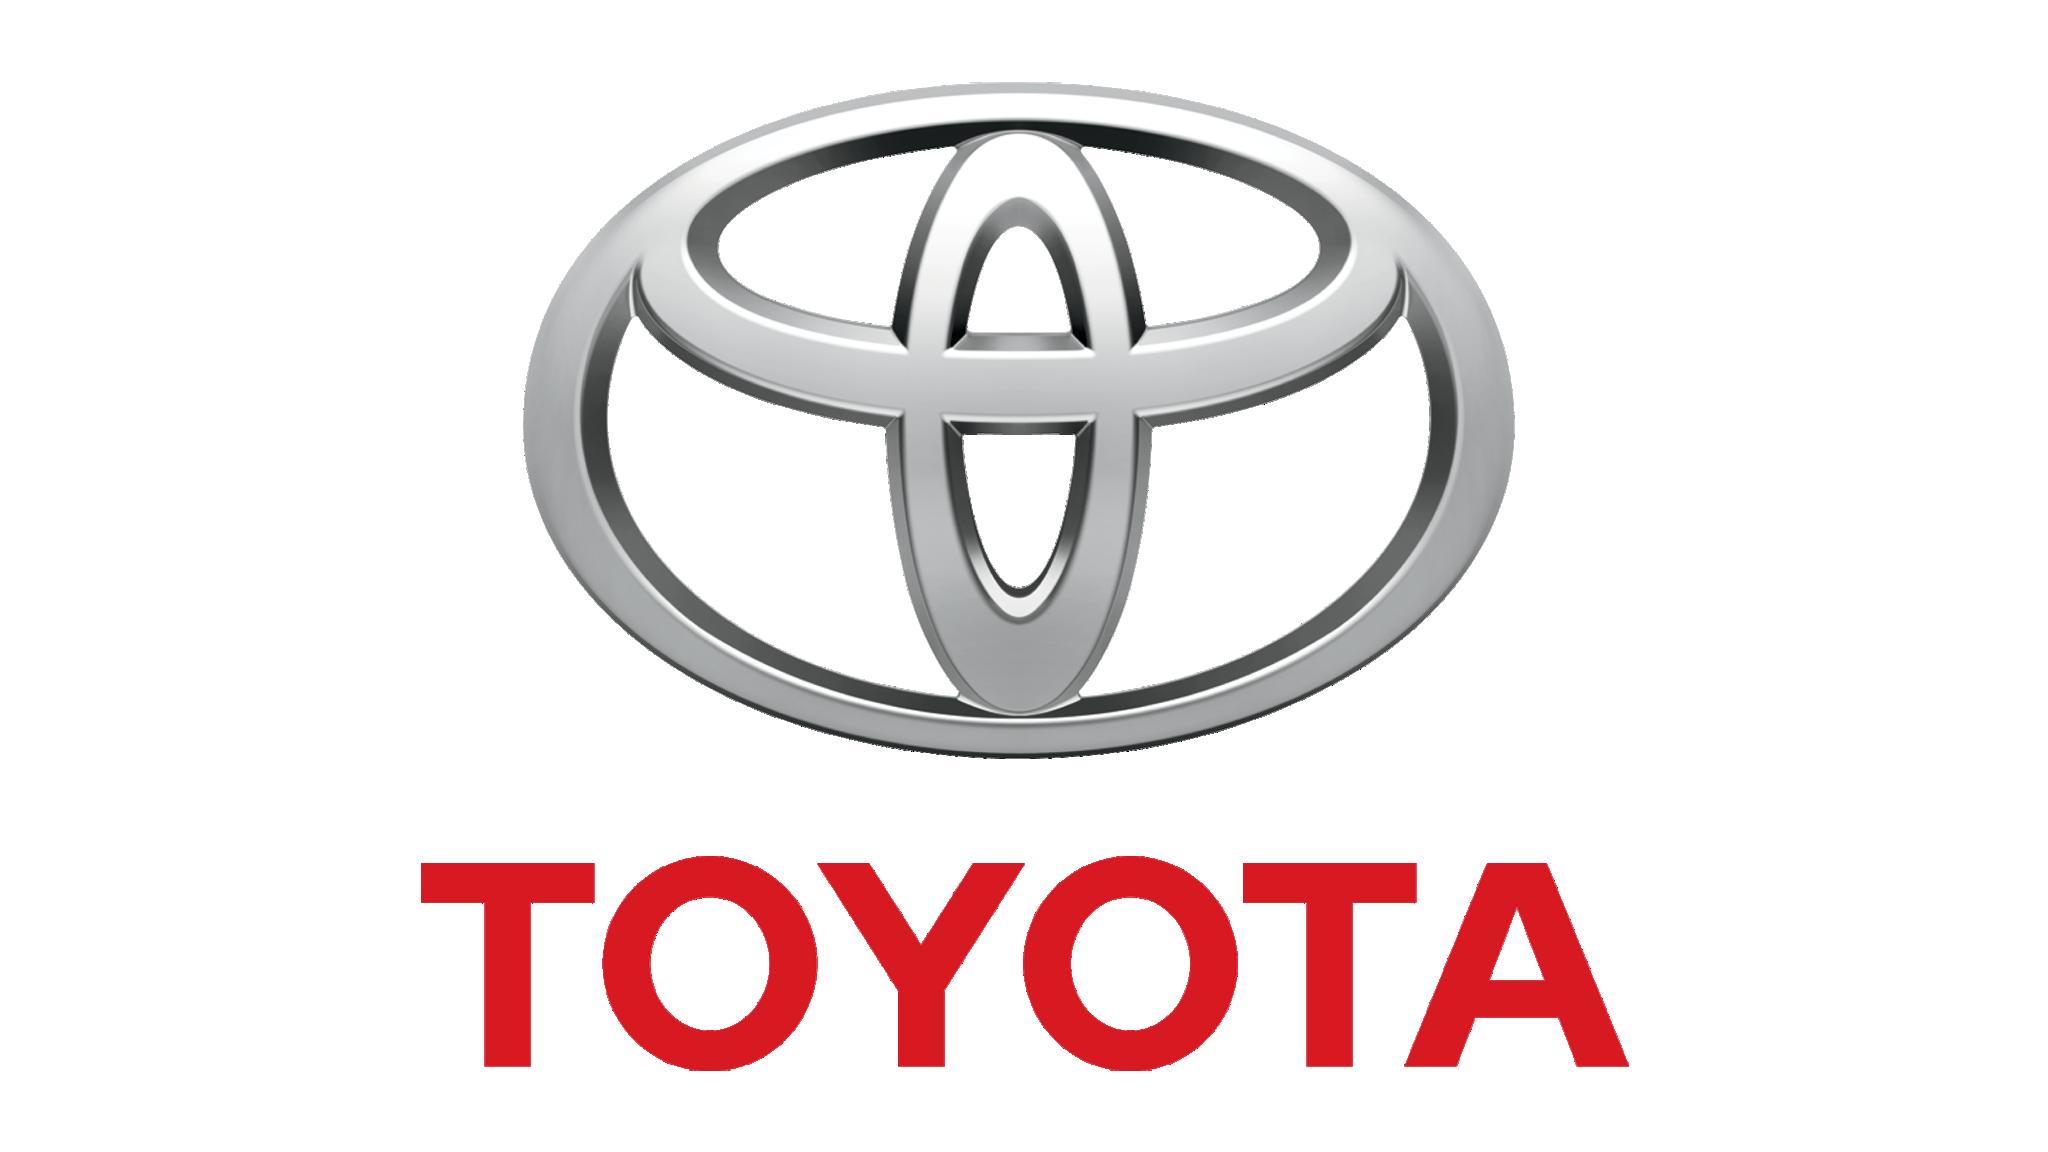 Toyota  Forza Motorsport Wiki  FANDOM powered by Wikia